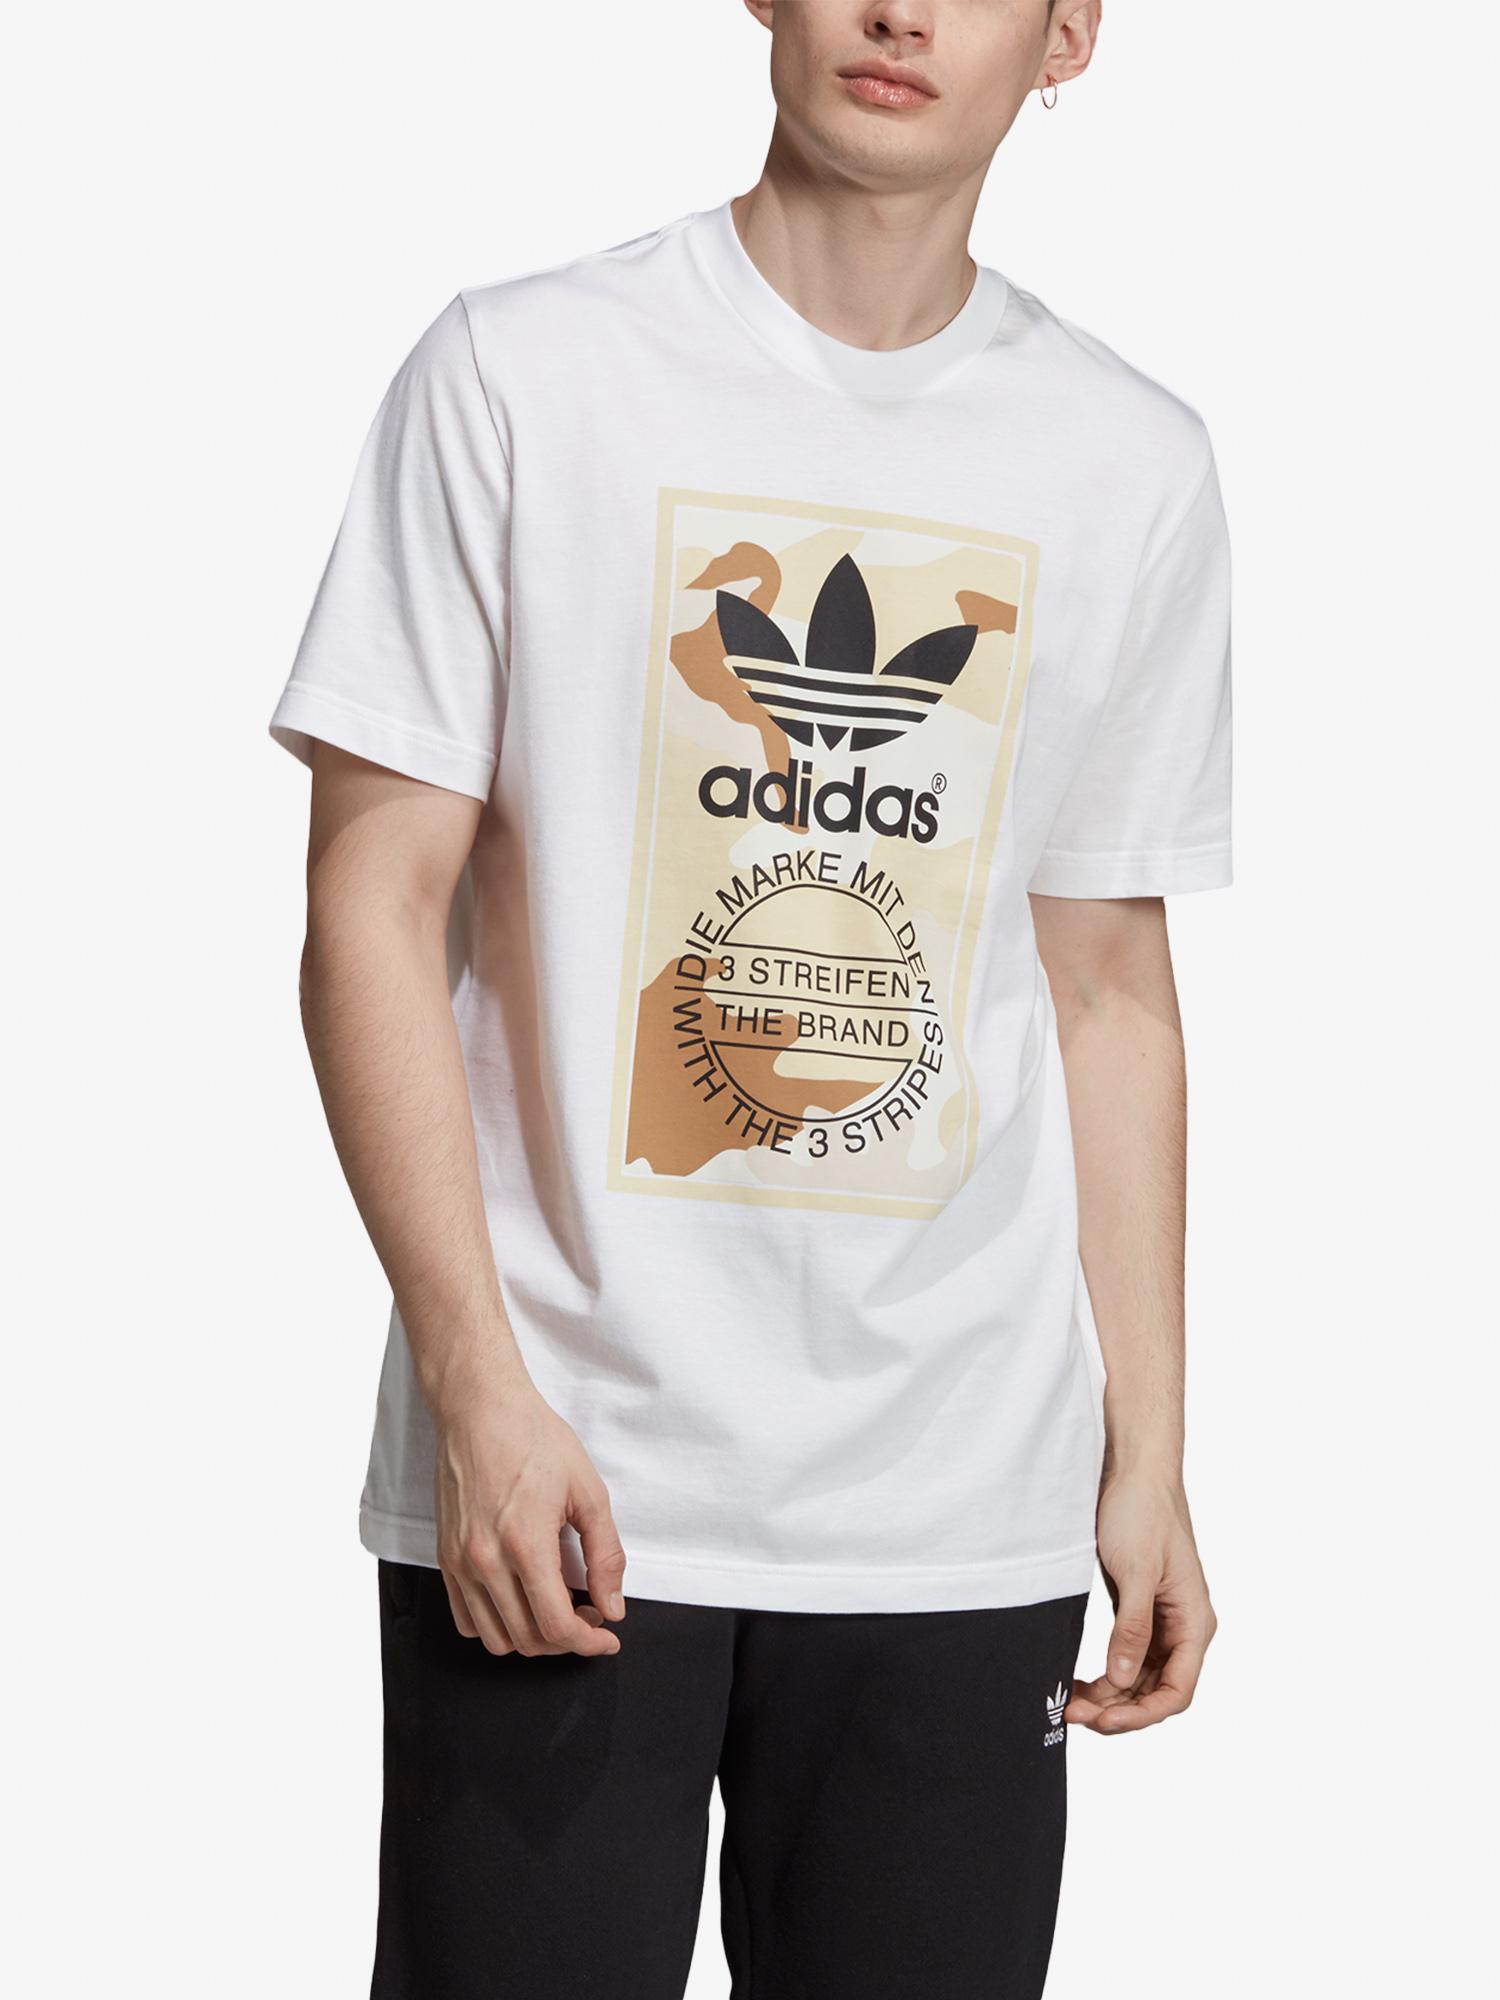 Adidas Originals Camo Tee T-shirt